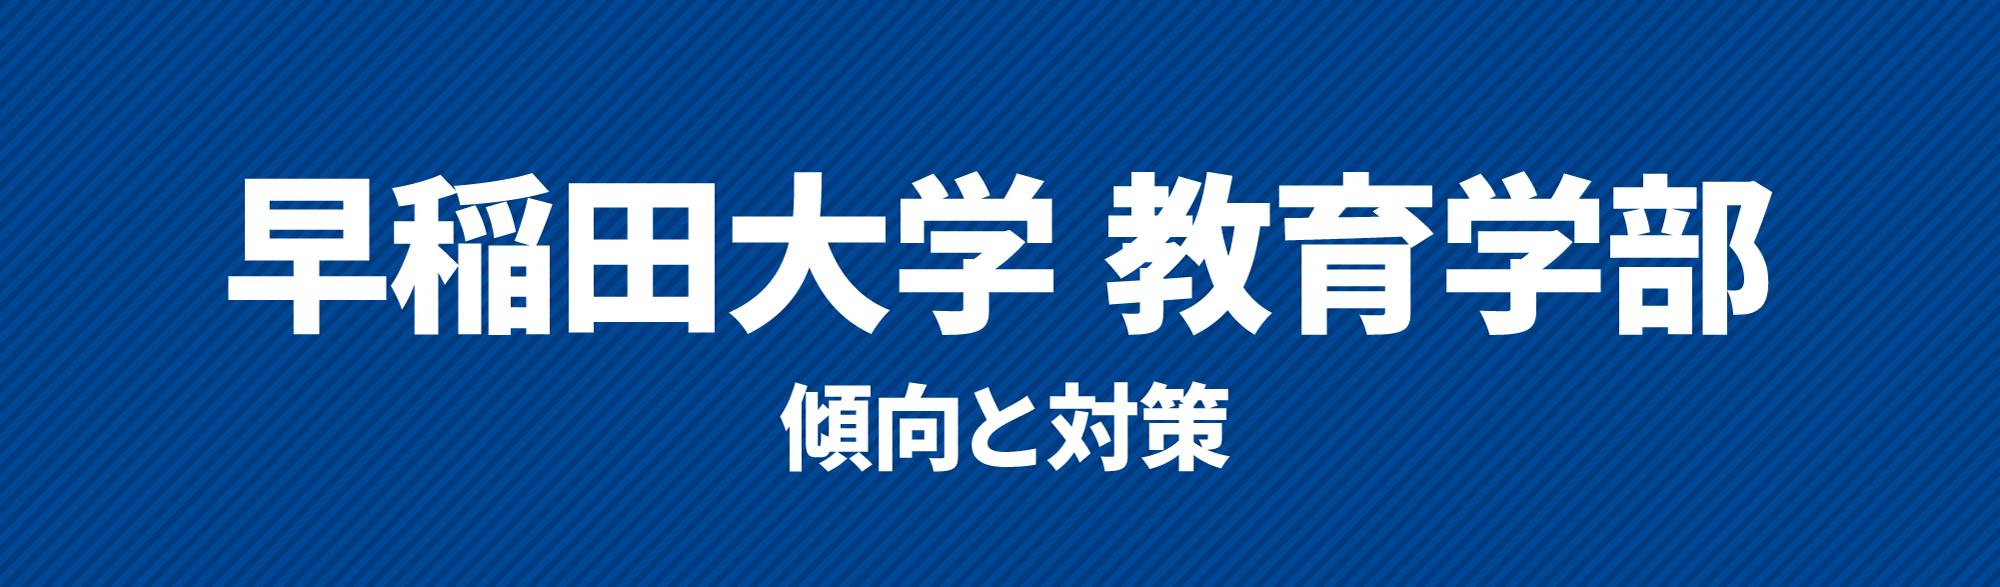 早稲田大学教育学部傾向と対策